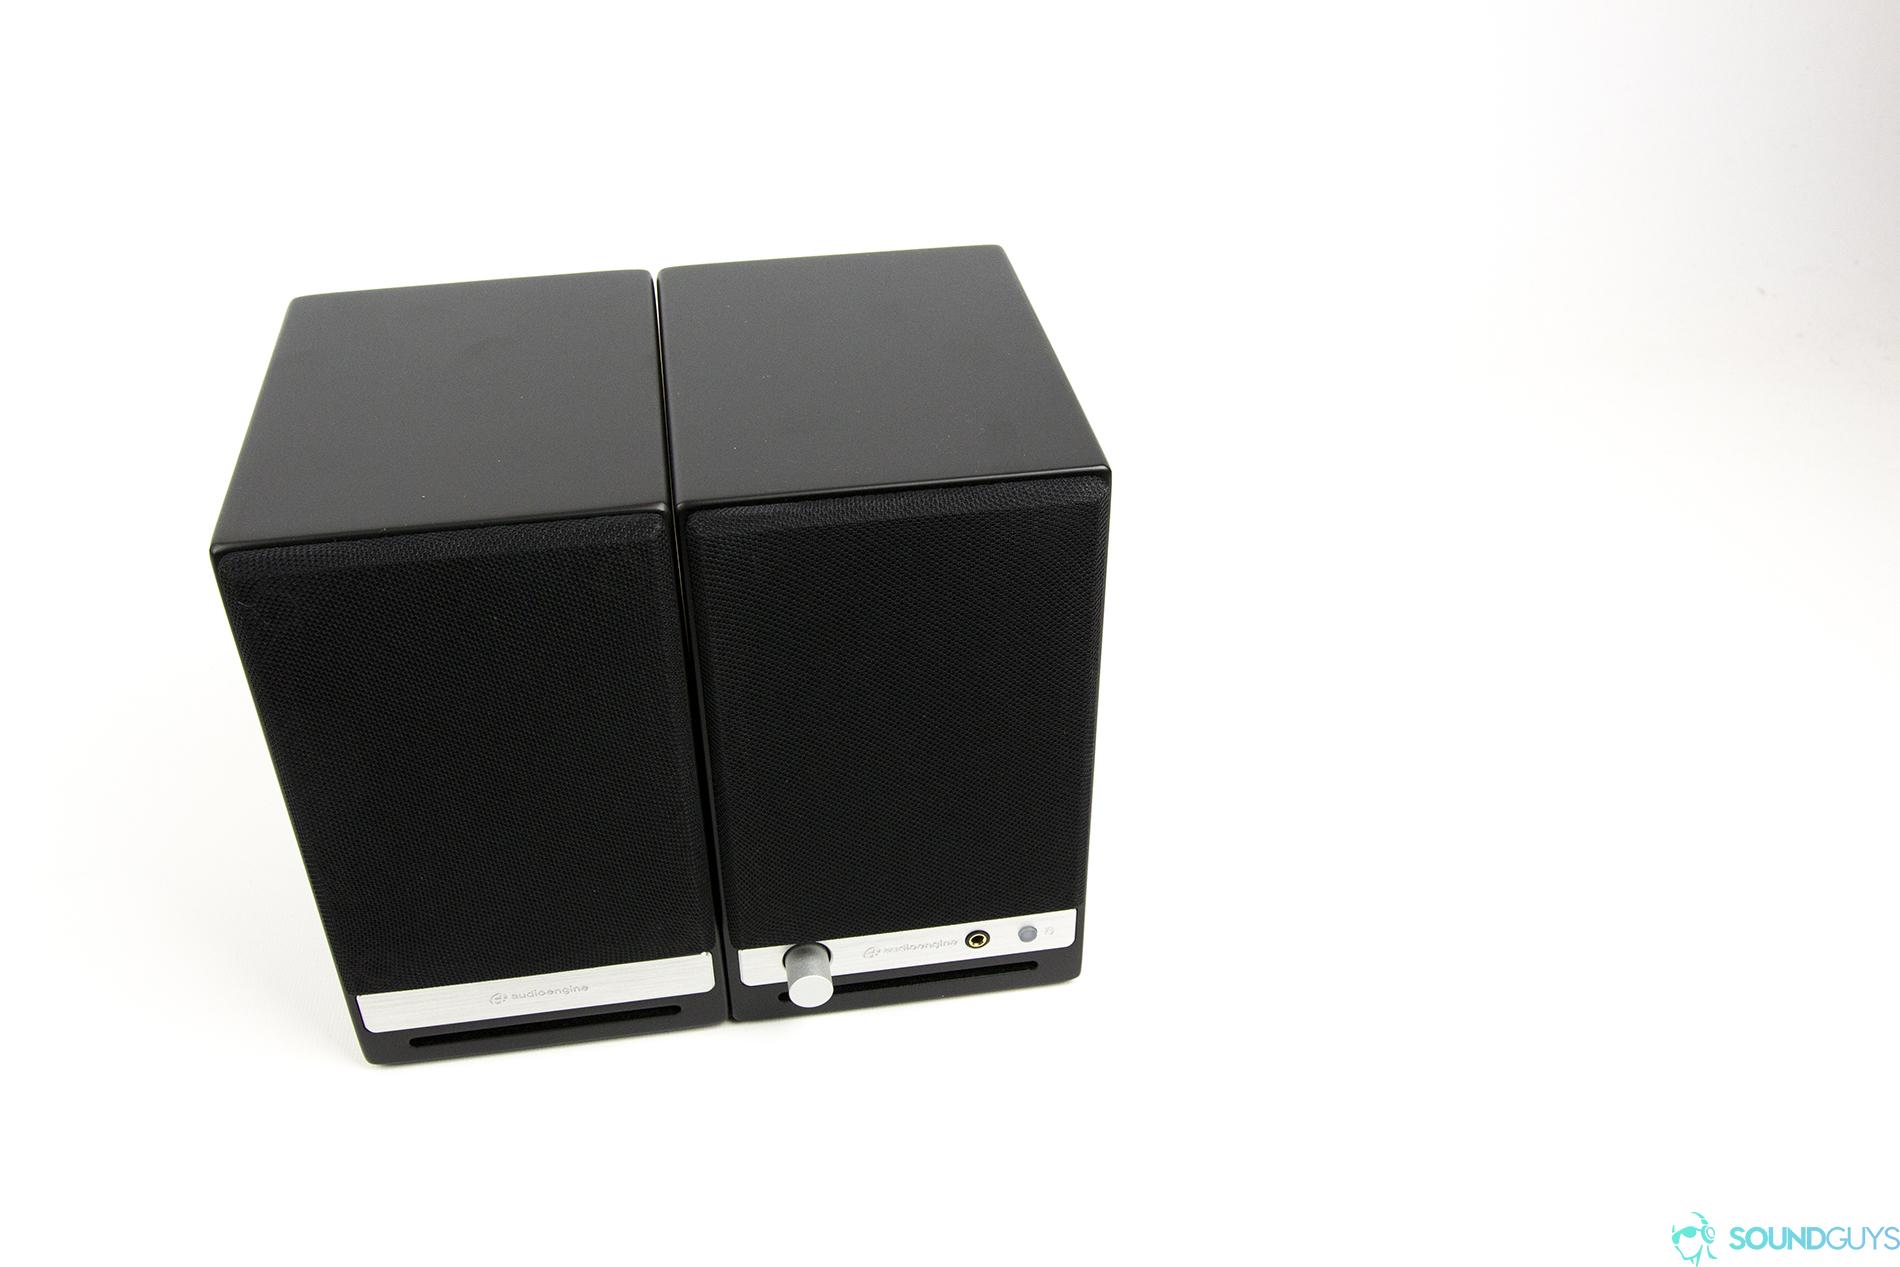 Daftar Harga Audioengine Hd3 Black Terbaru 2018 Jaket Motor Pria Rc661 Review Soundguys Conclusion